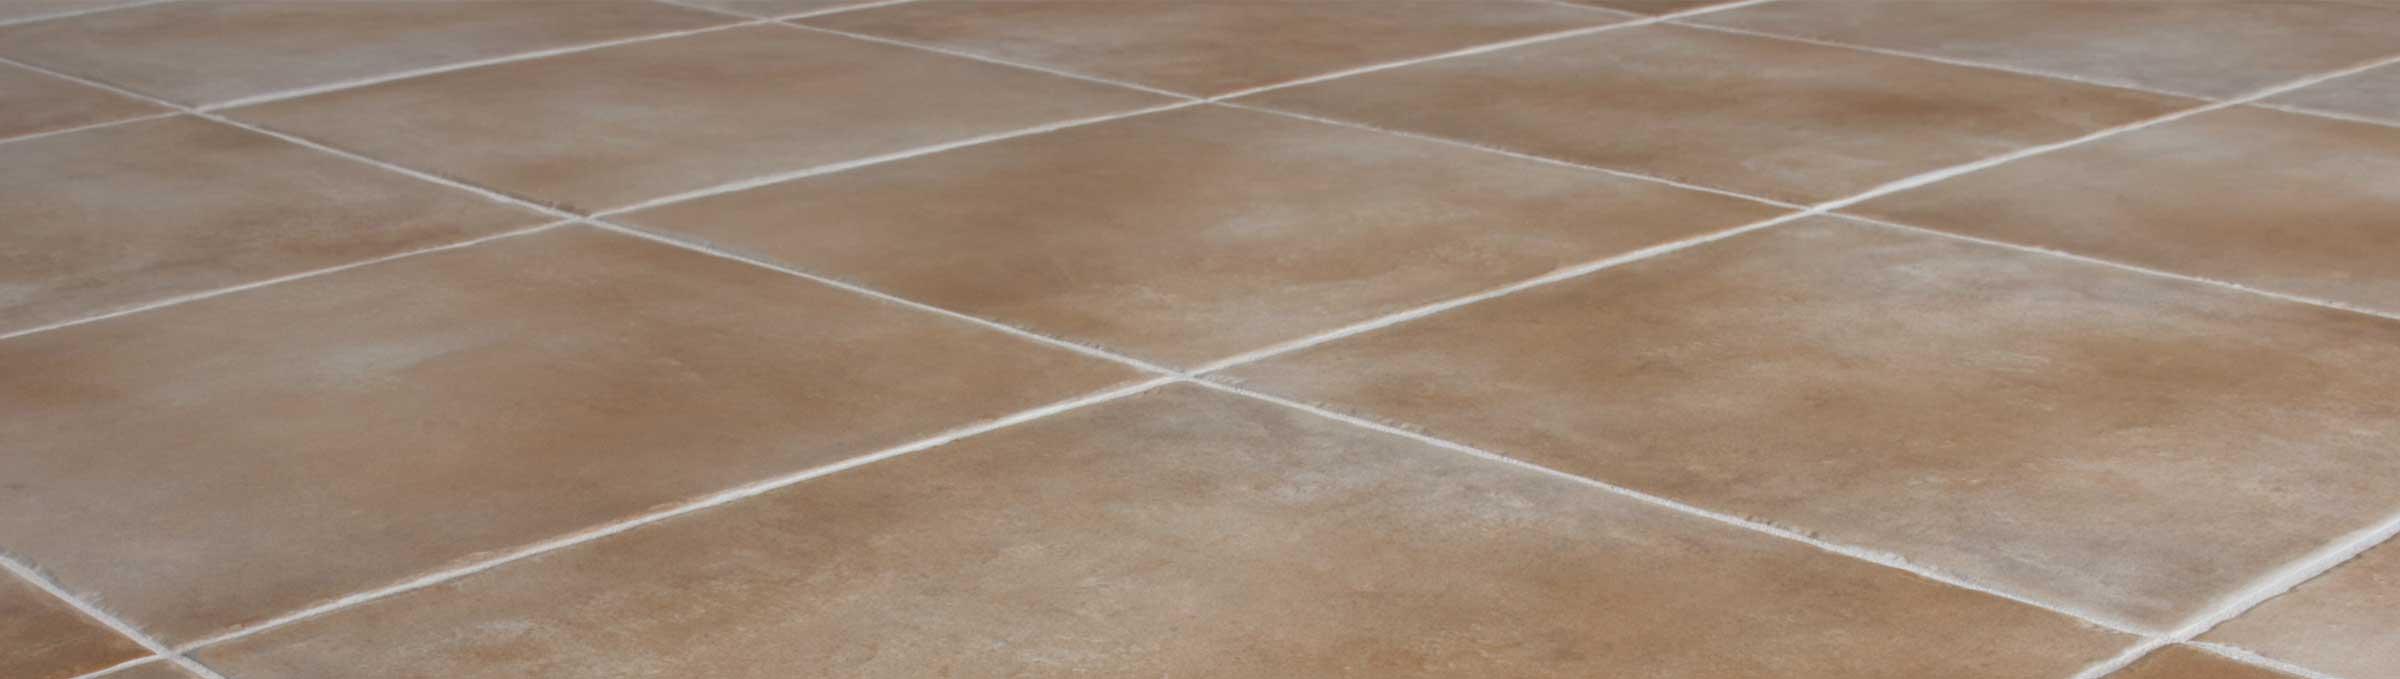 carpet cleaner in tucson az